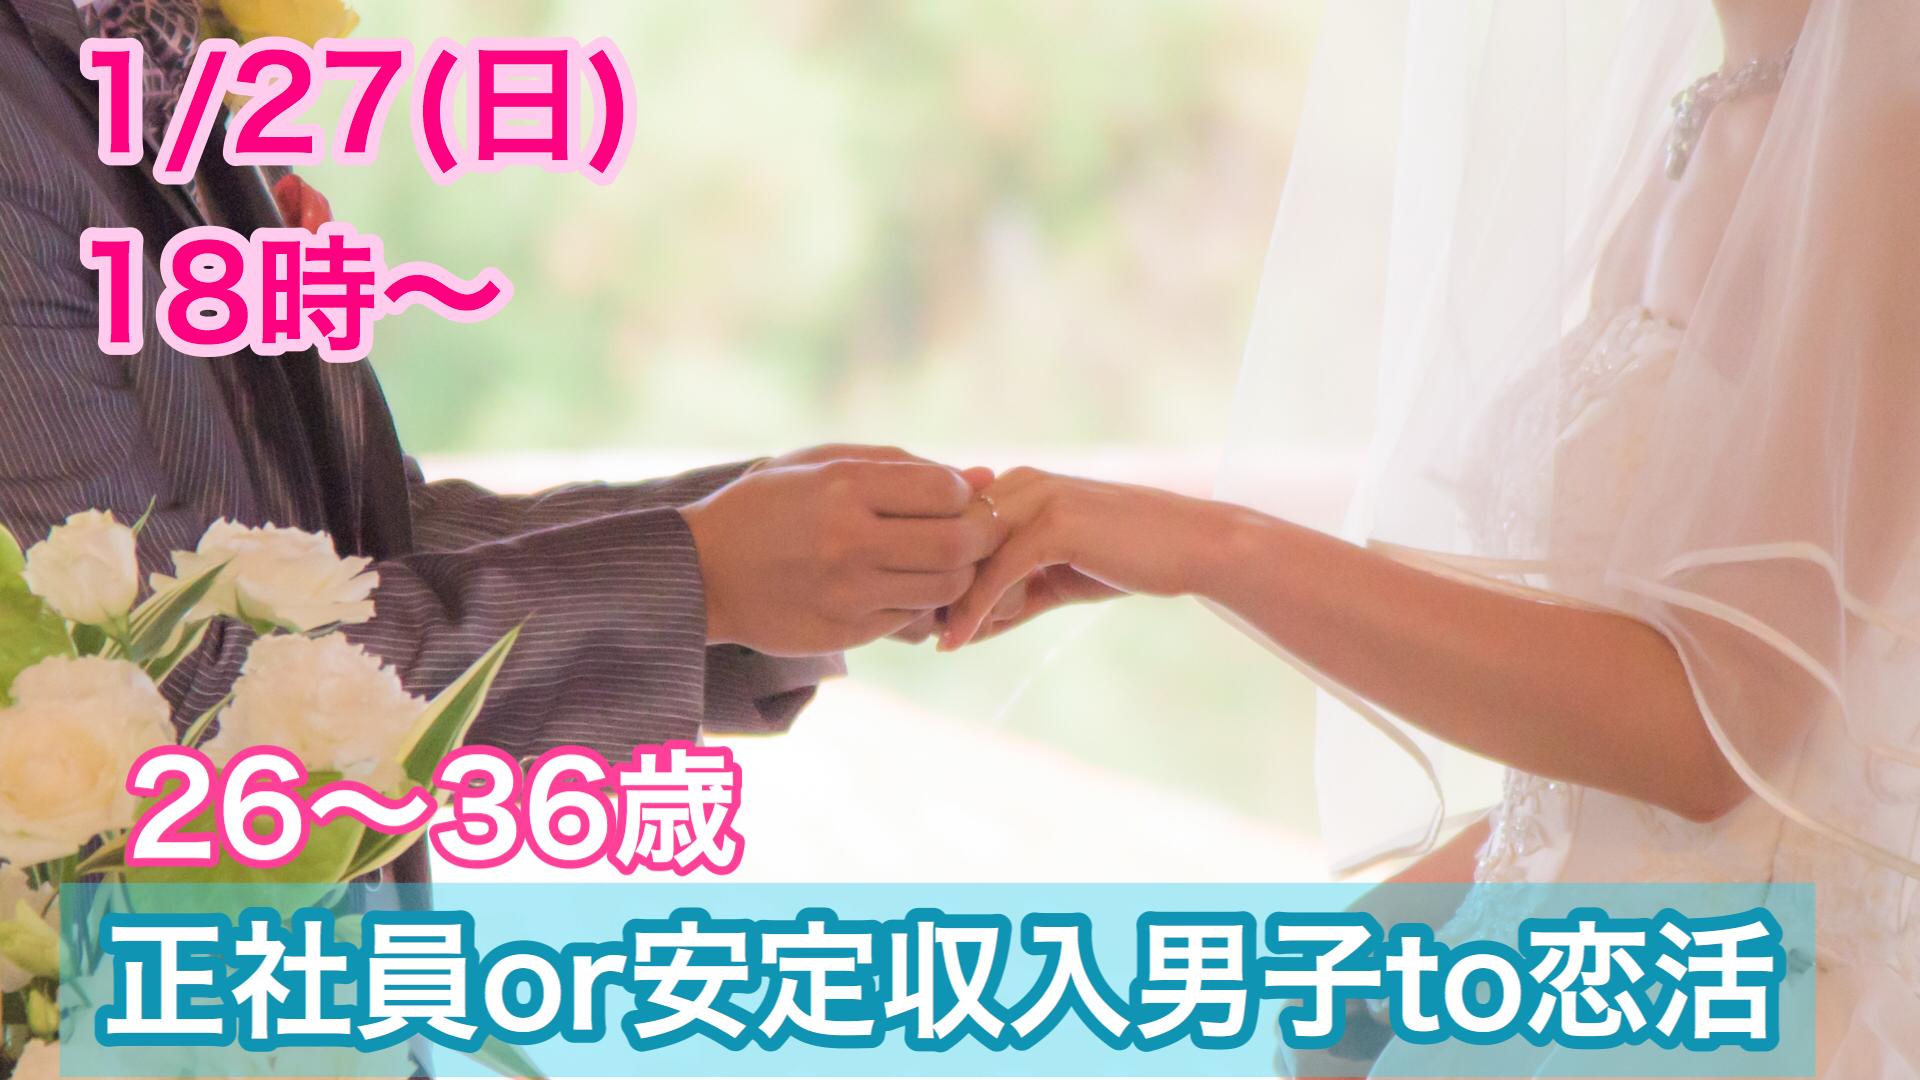 【終了】1月27日(日)18時~【26~36歳限定】正社員OR安定収入男子TO恋活!